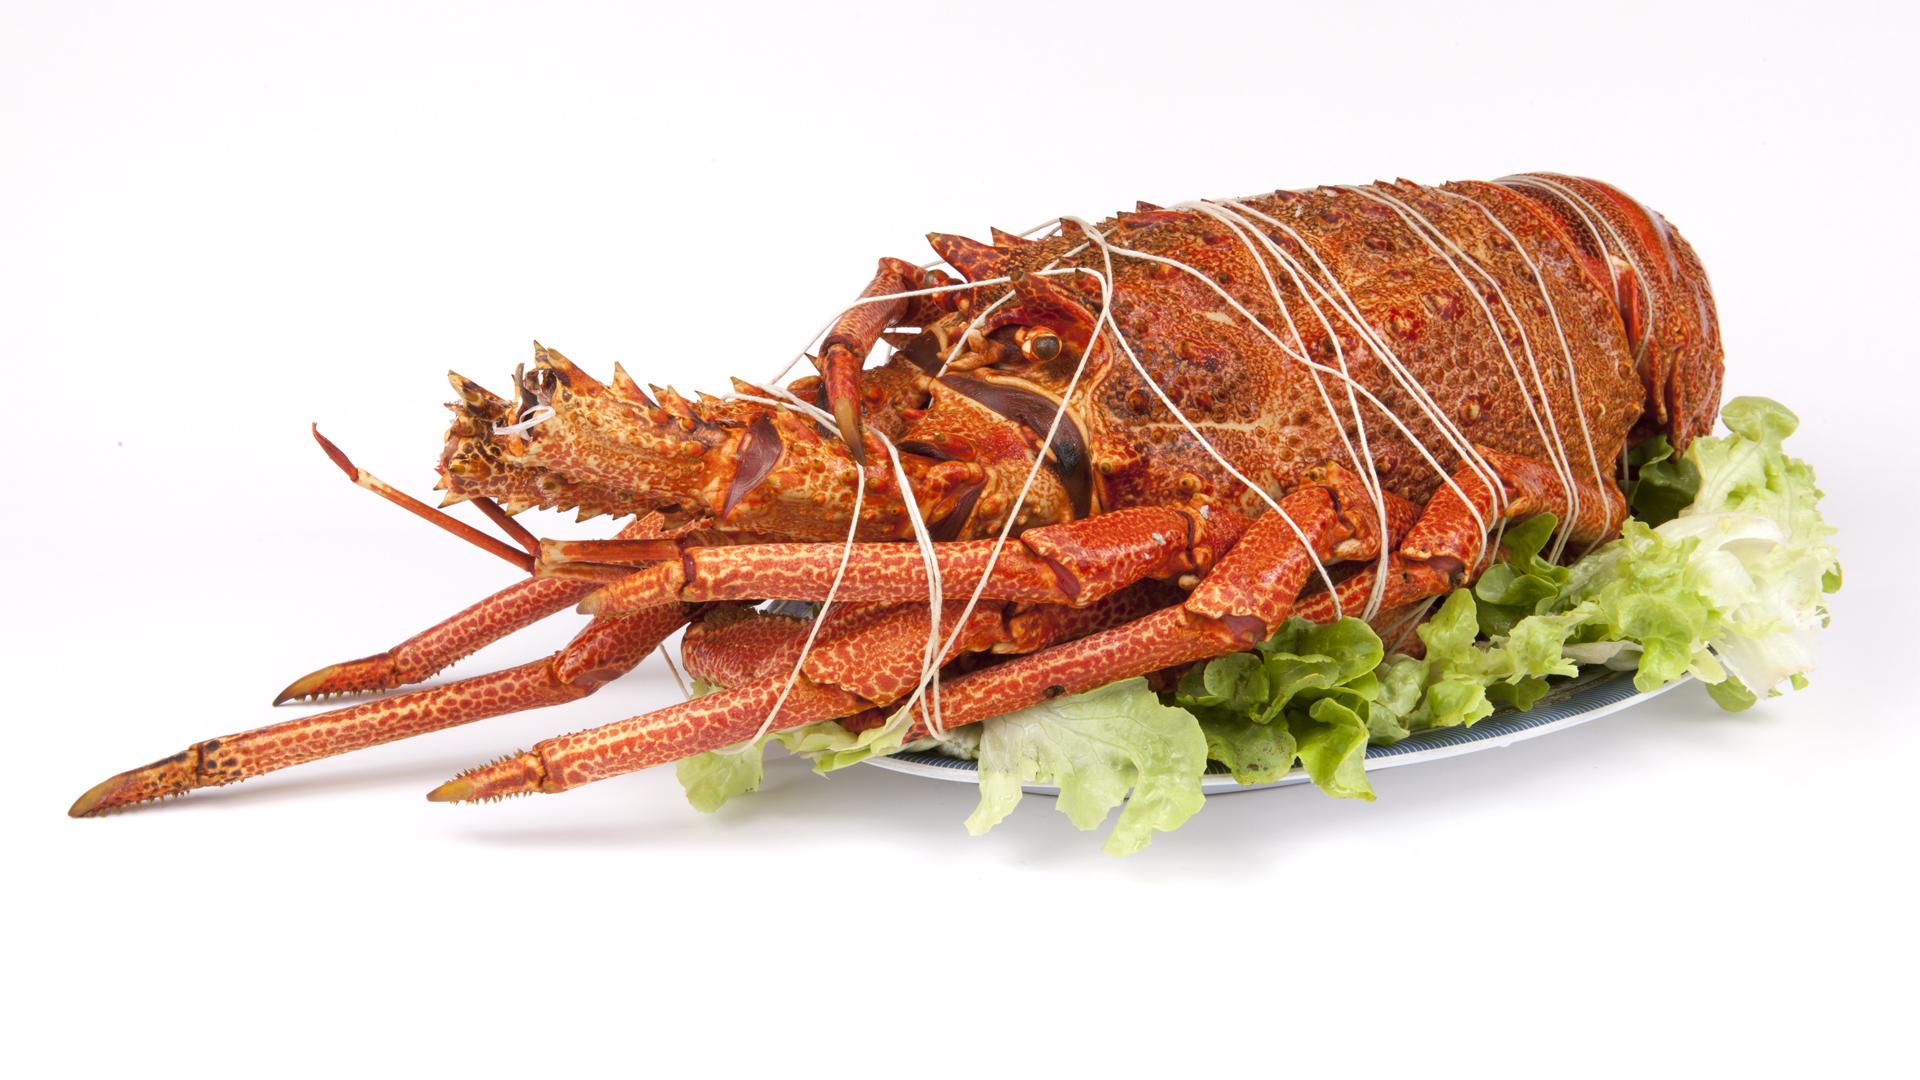 ¿Sabías que la langosta solía ser un alimento para los campesinos?